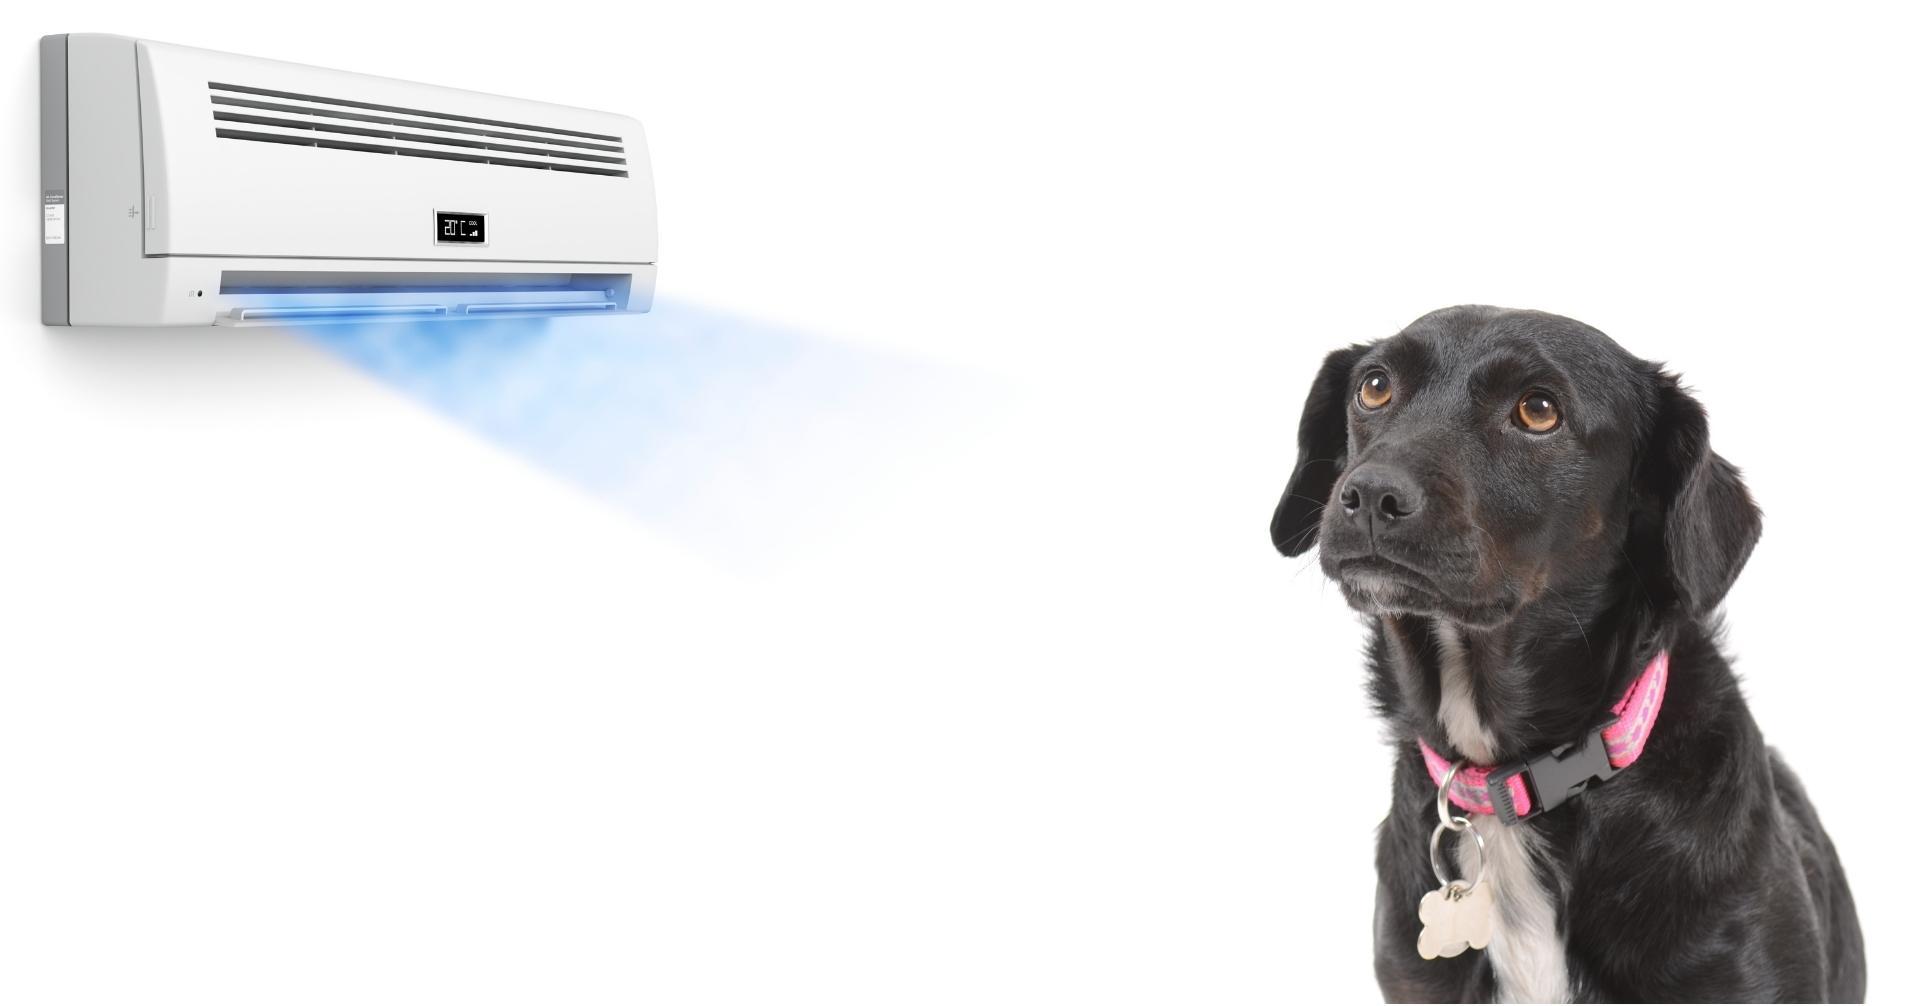 【夏のシーズン必見】愛犬が快適に過ごせる冷房 (クーラー) 設定について